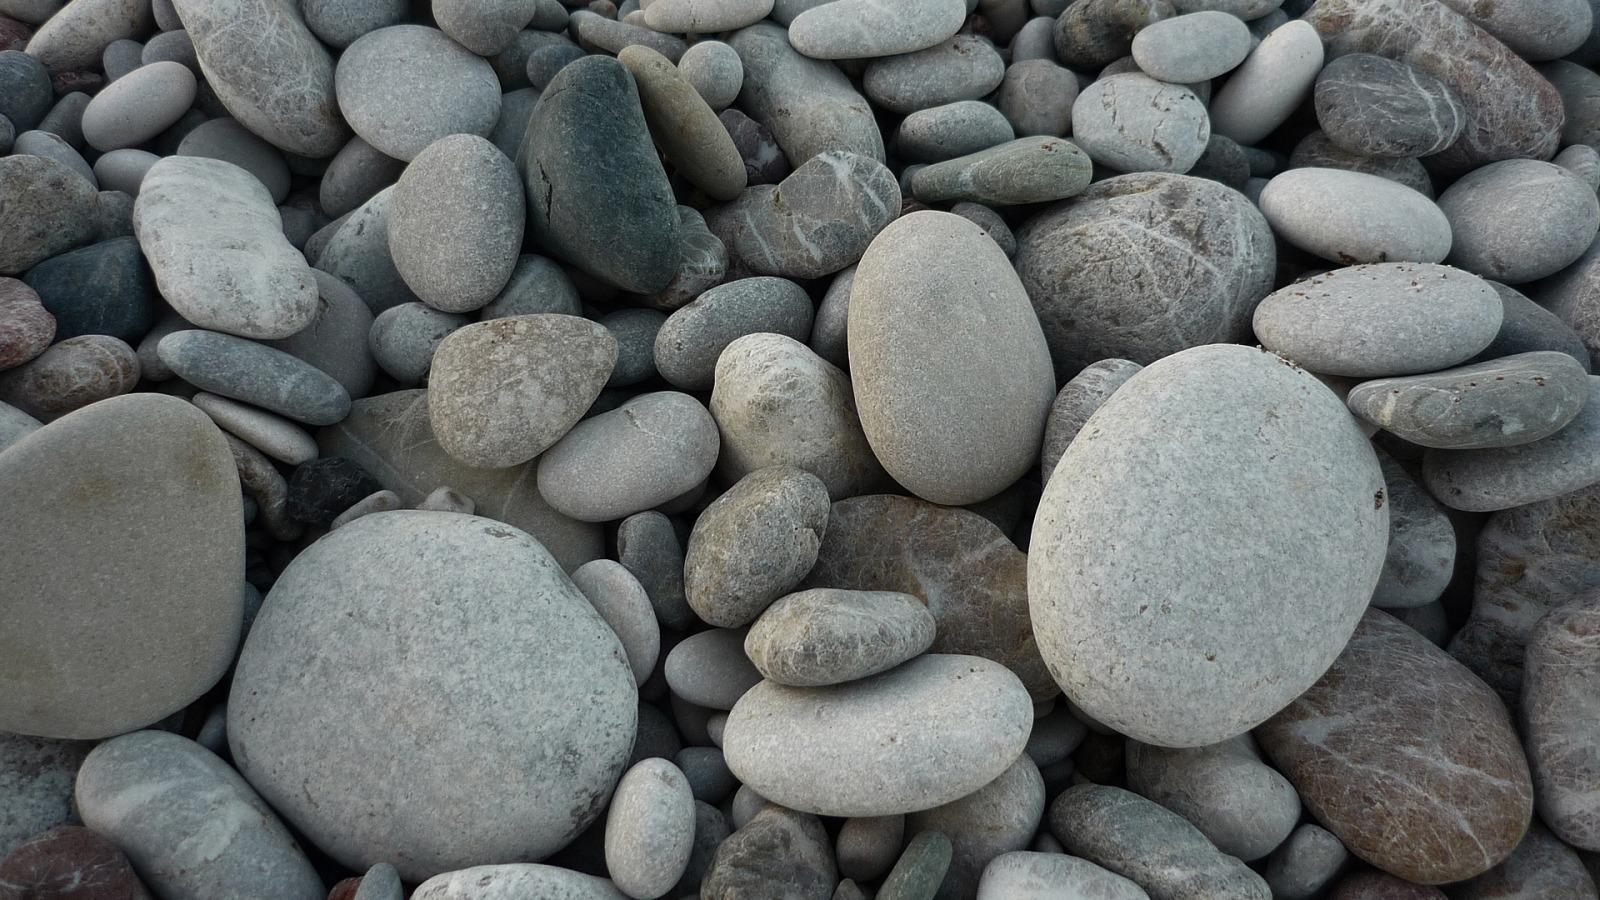 Un d a m s andamos buscando regalos originales y - Comprar piedras jardin ...